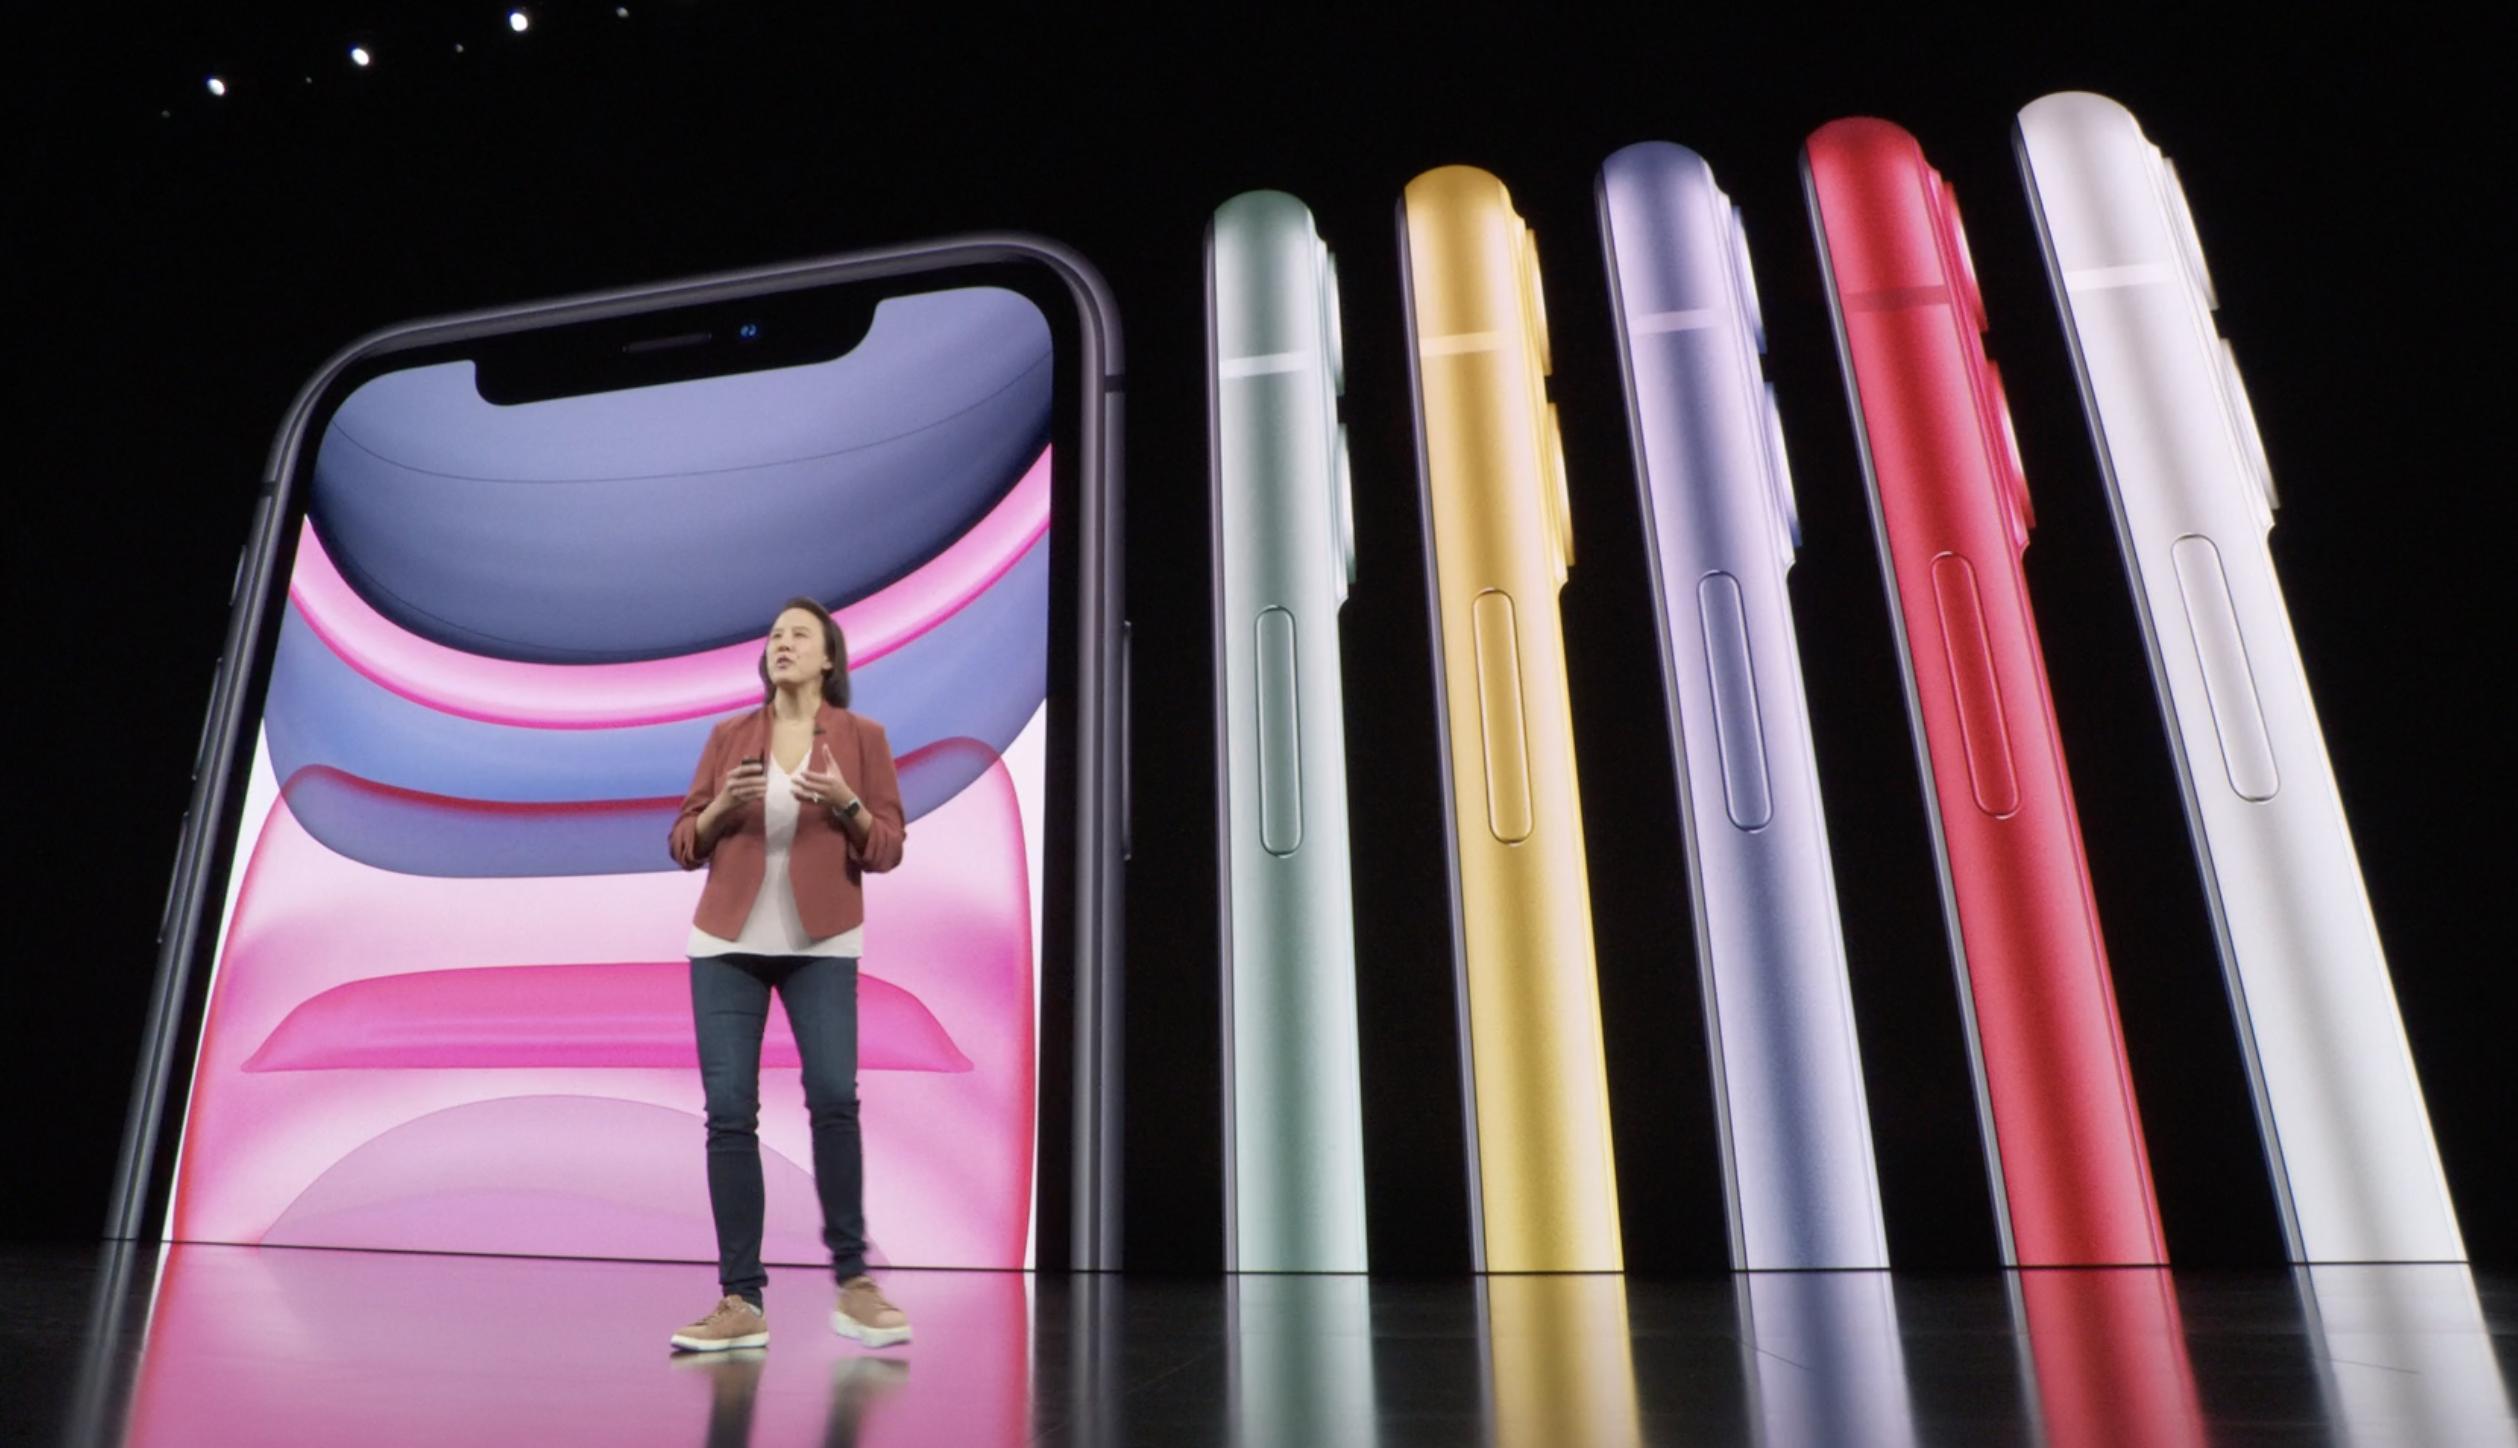 Colores del iPhone 11 (Keynote de Apple)